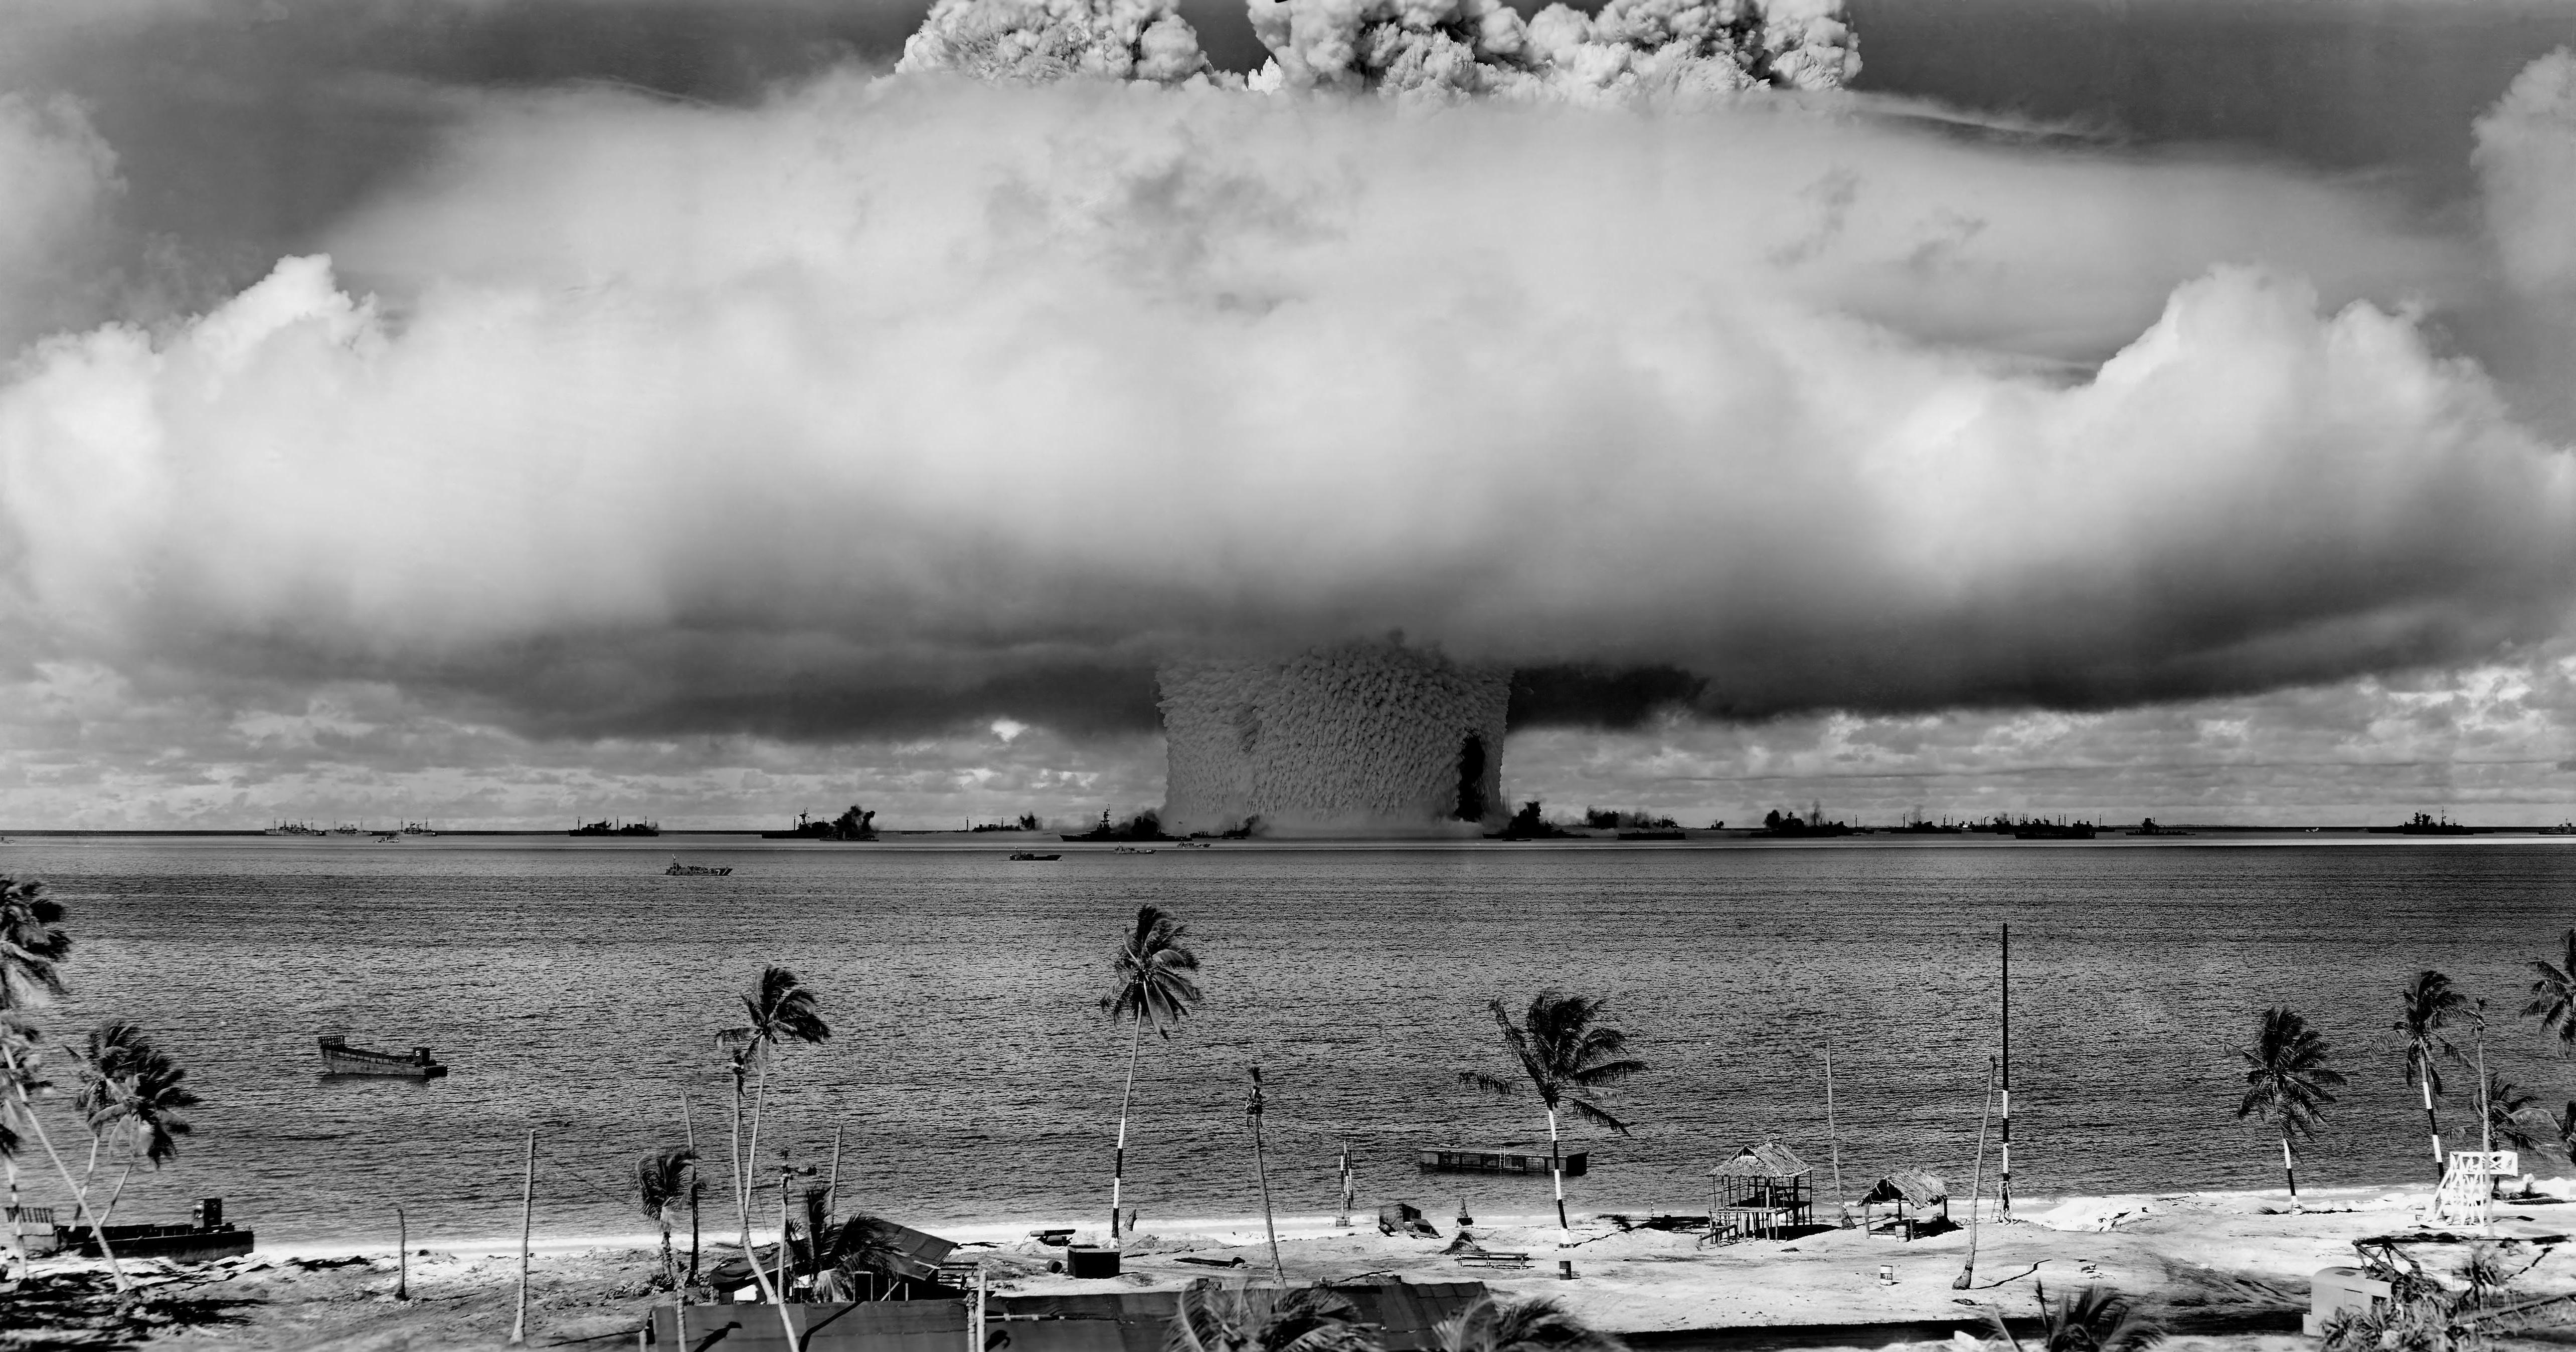 При ядерных испытаниях в окружающую среду попадали следы калифорния